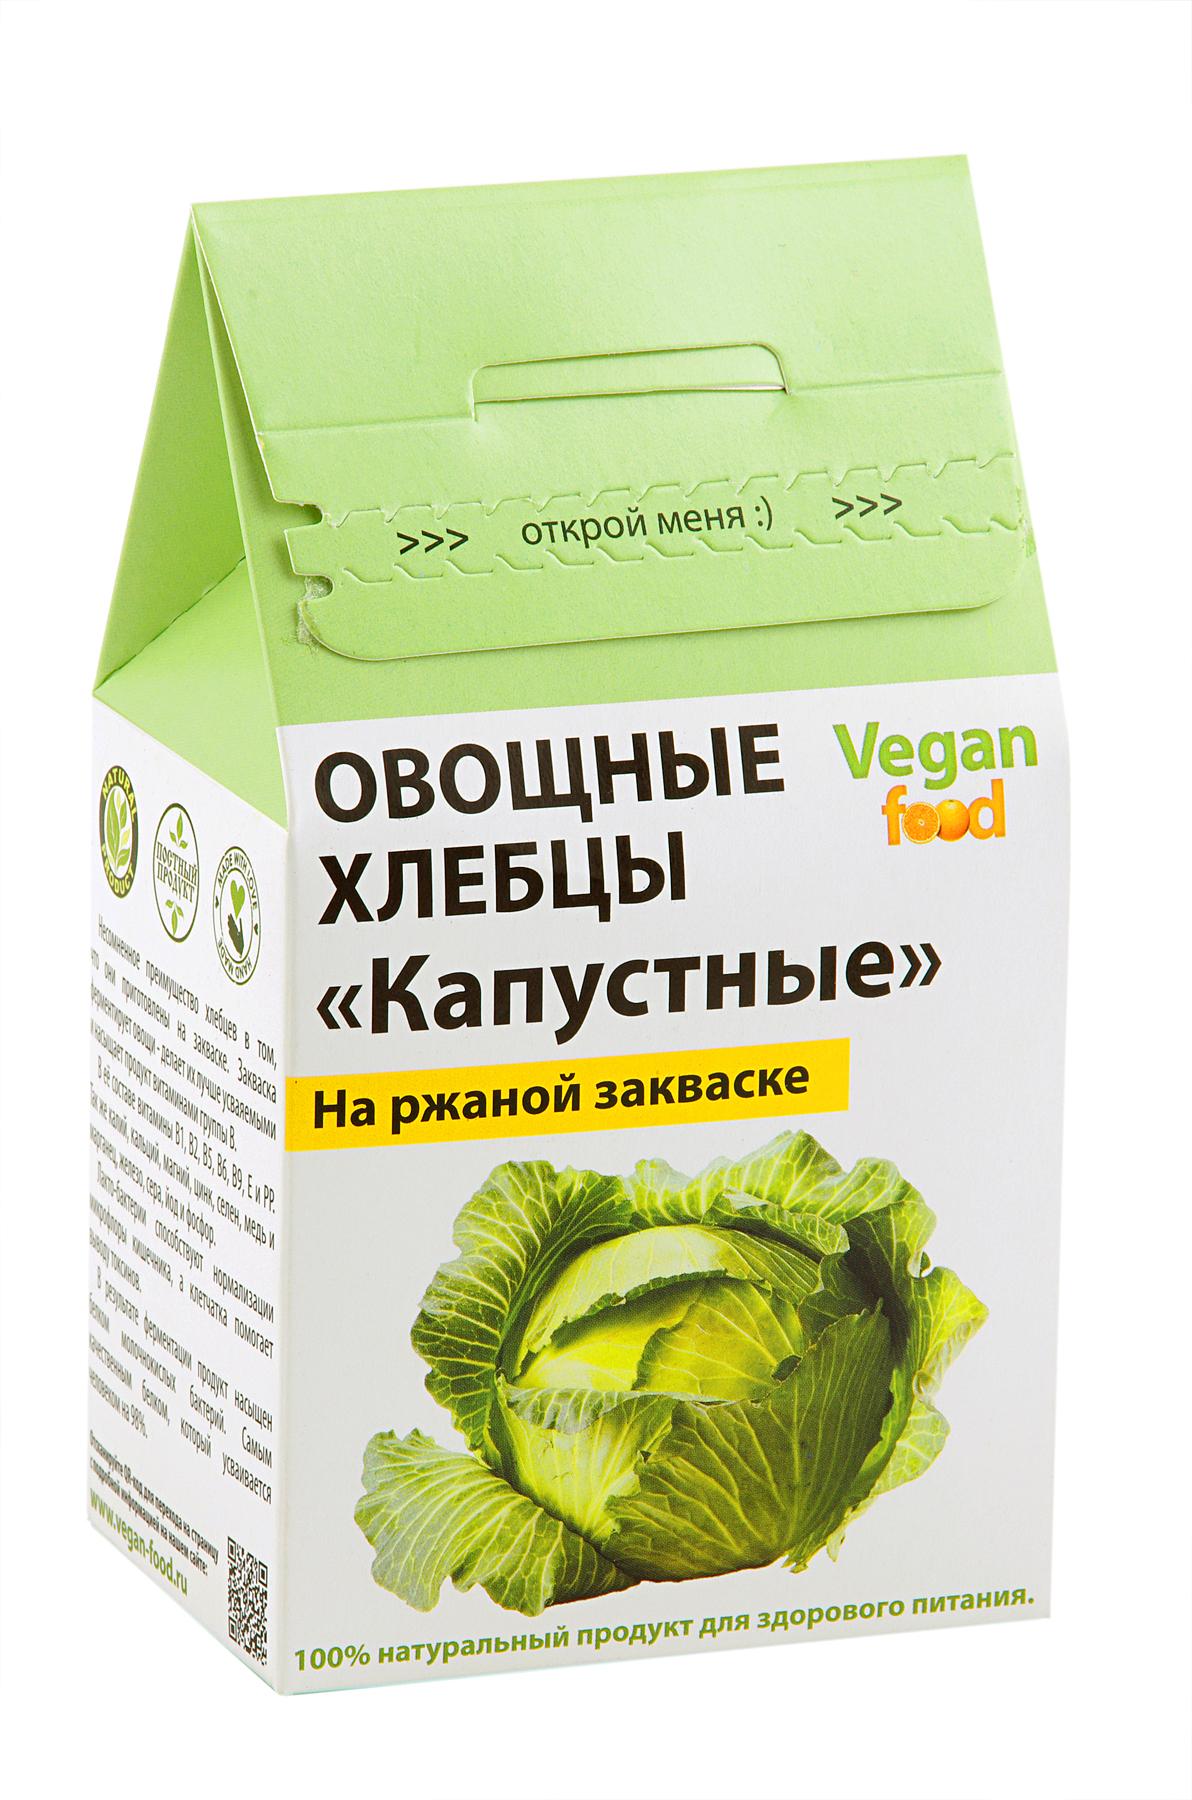 Хлебцы овощные Vegan-food на закваске капустные 100 г фото